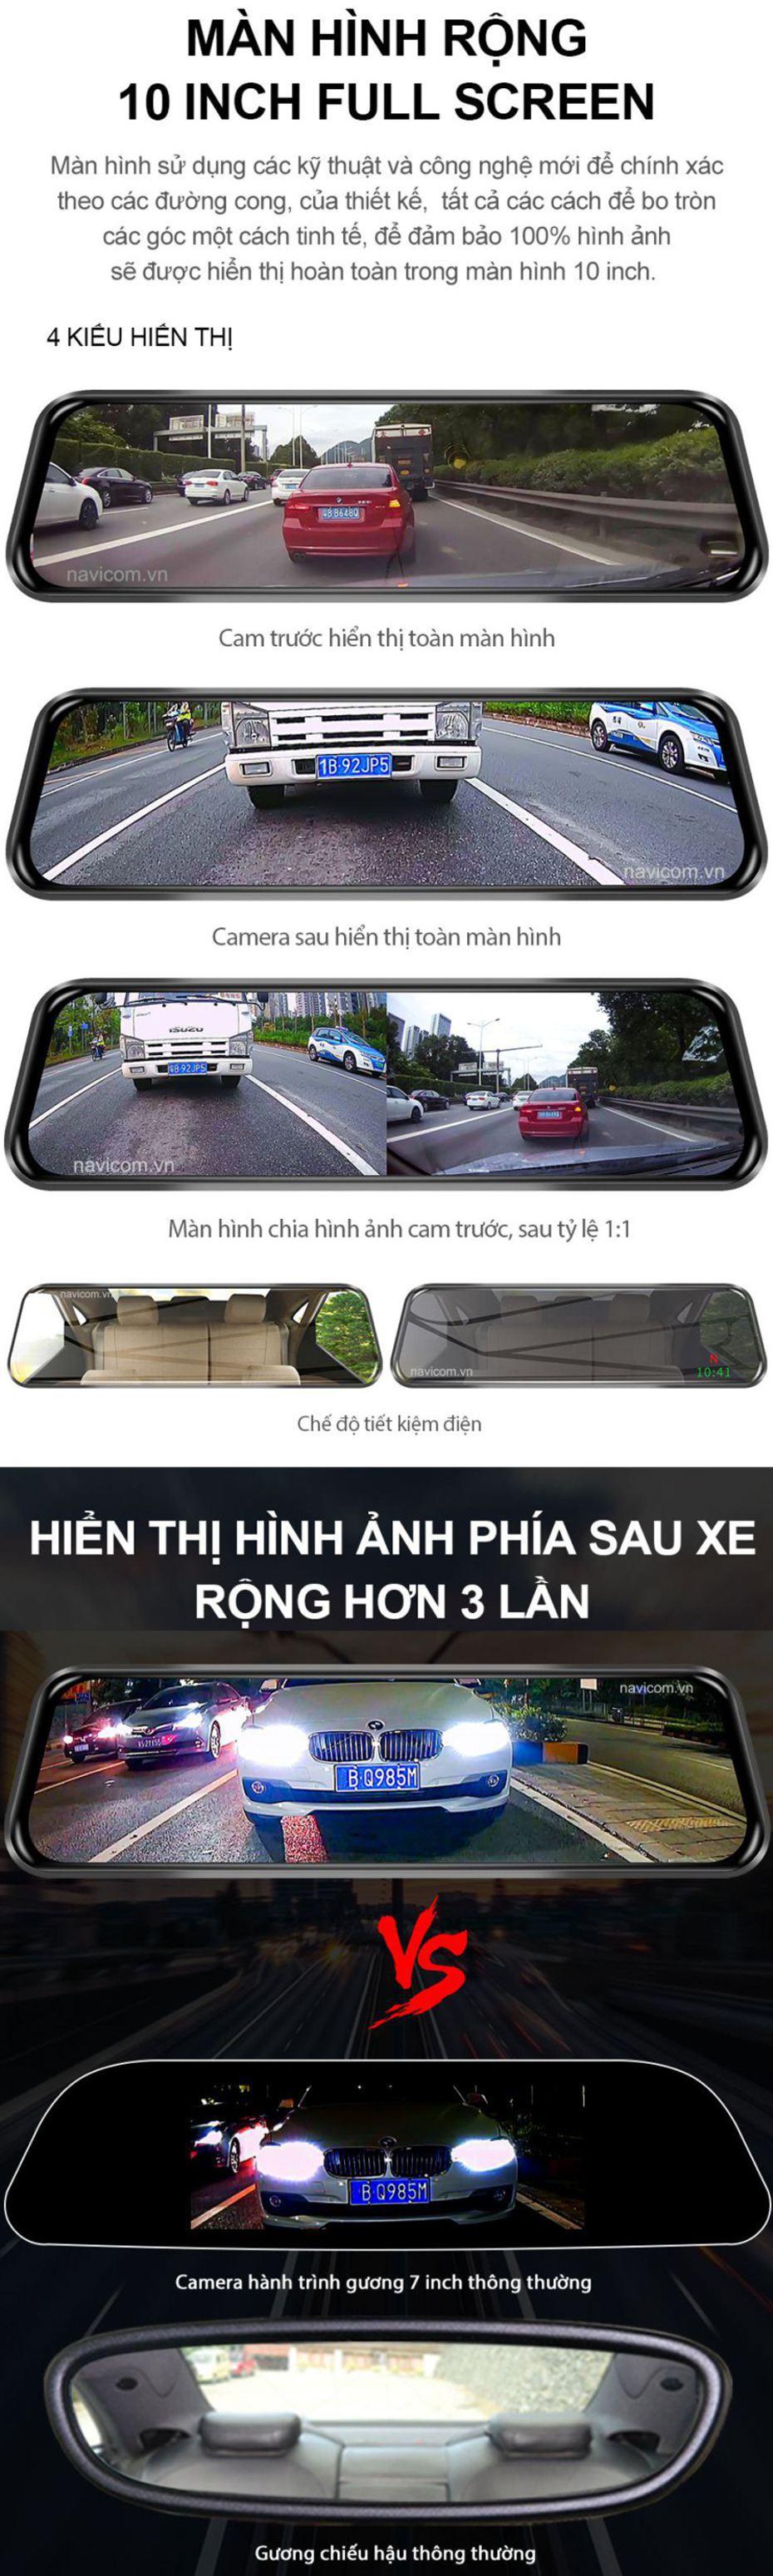 camera hành trình thông minh